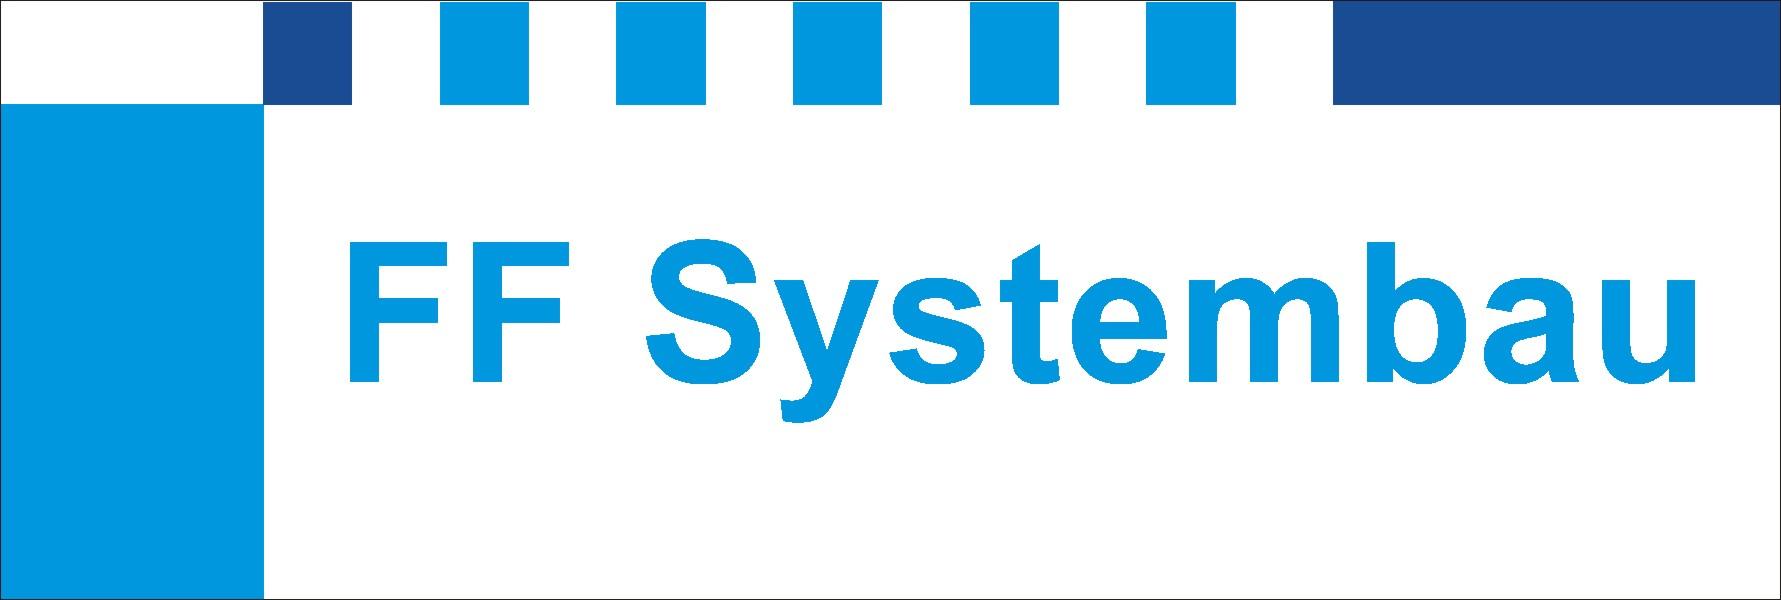 Logo FF Systembau 45 x15 cm